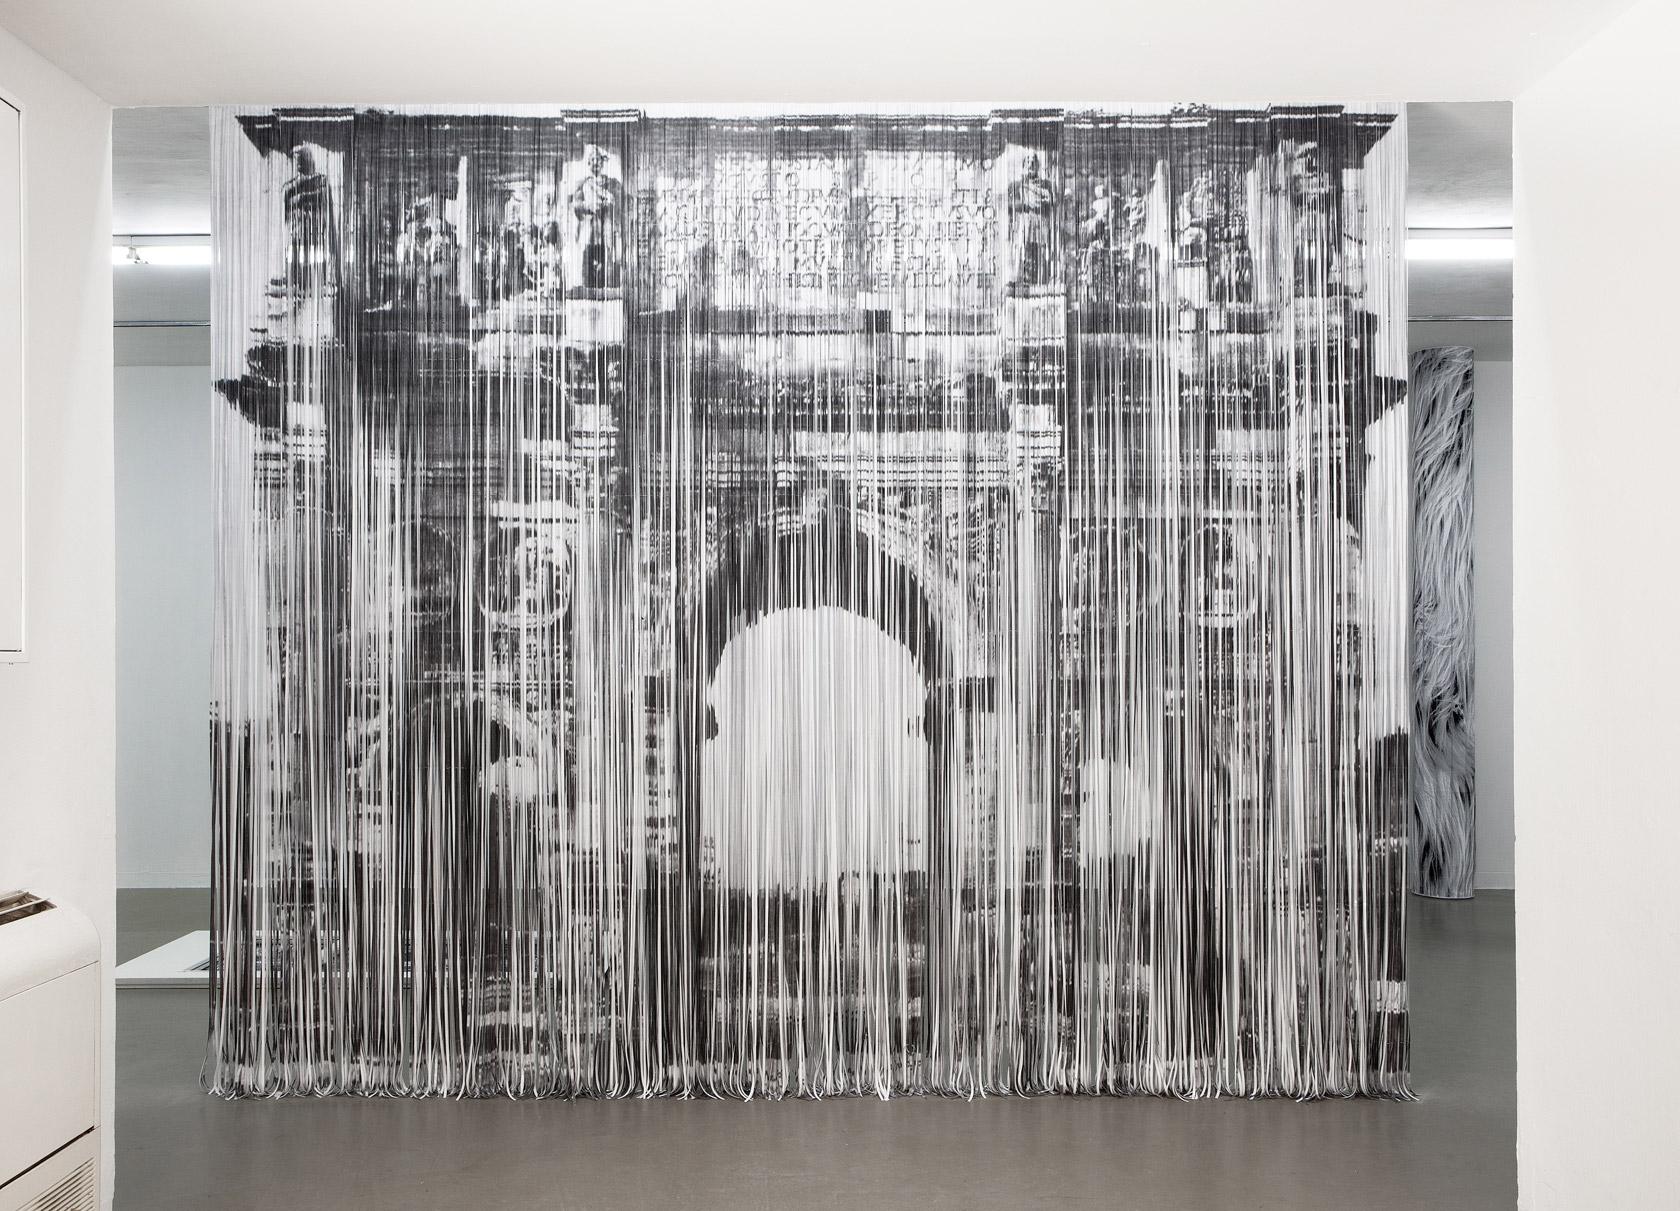 Shredded Xerox Prints Curtain Part Of The Installation EL AL From Artist Naama Arad At Midrasha Gallery Art Tel Aviv Photos By Liat Albling